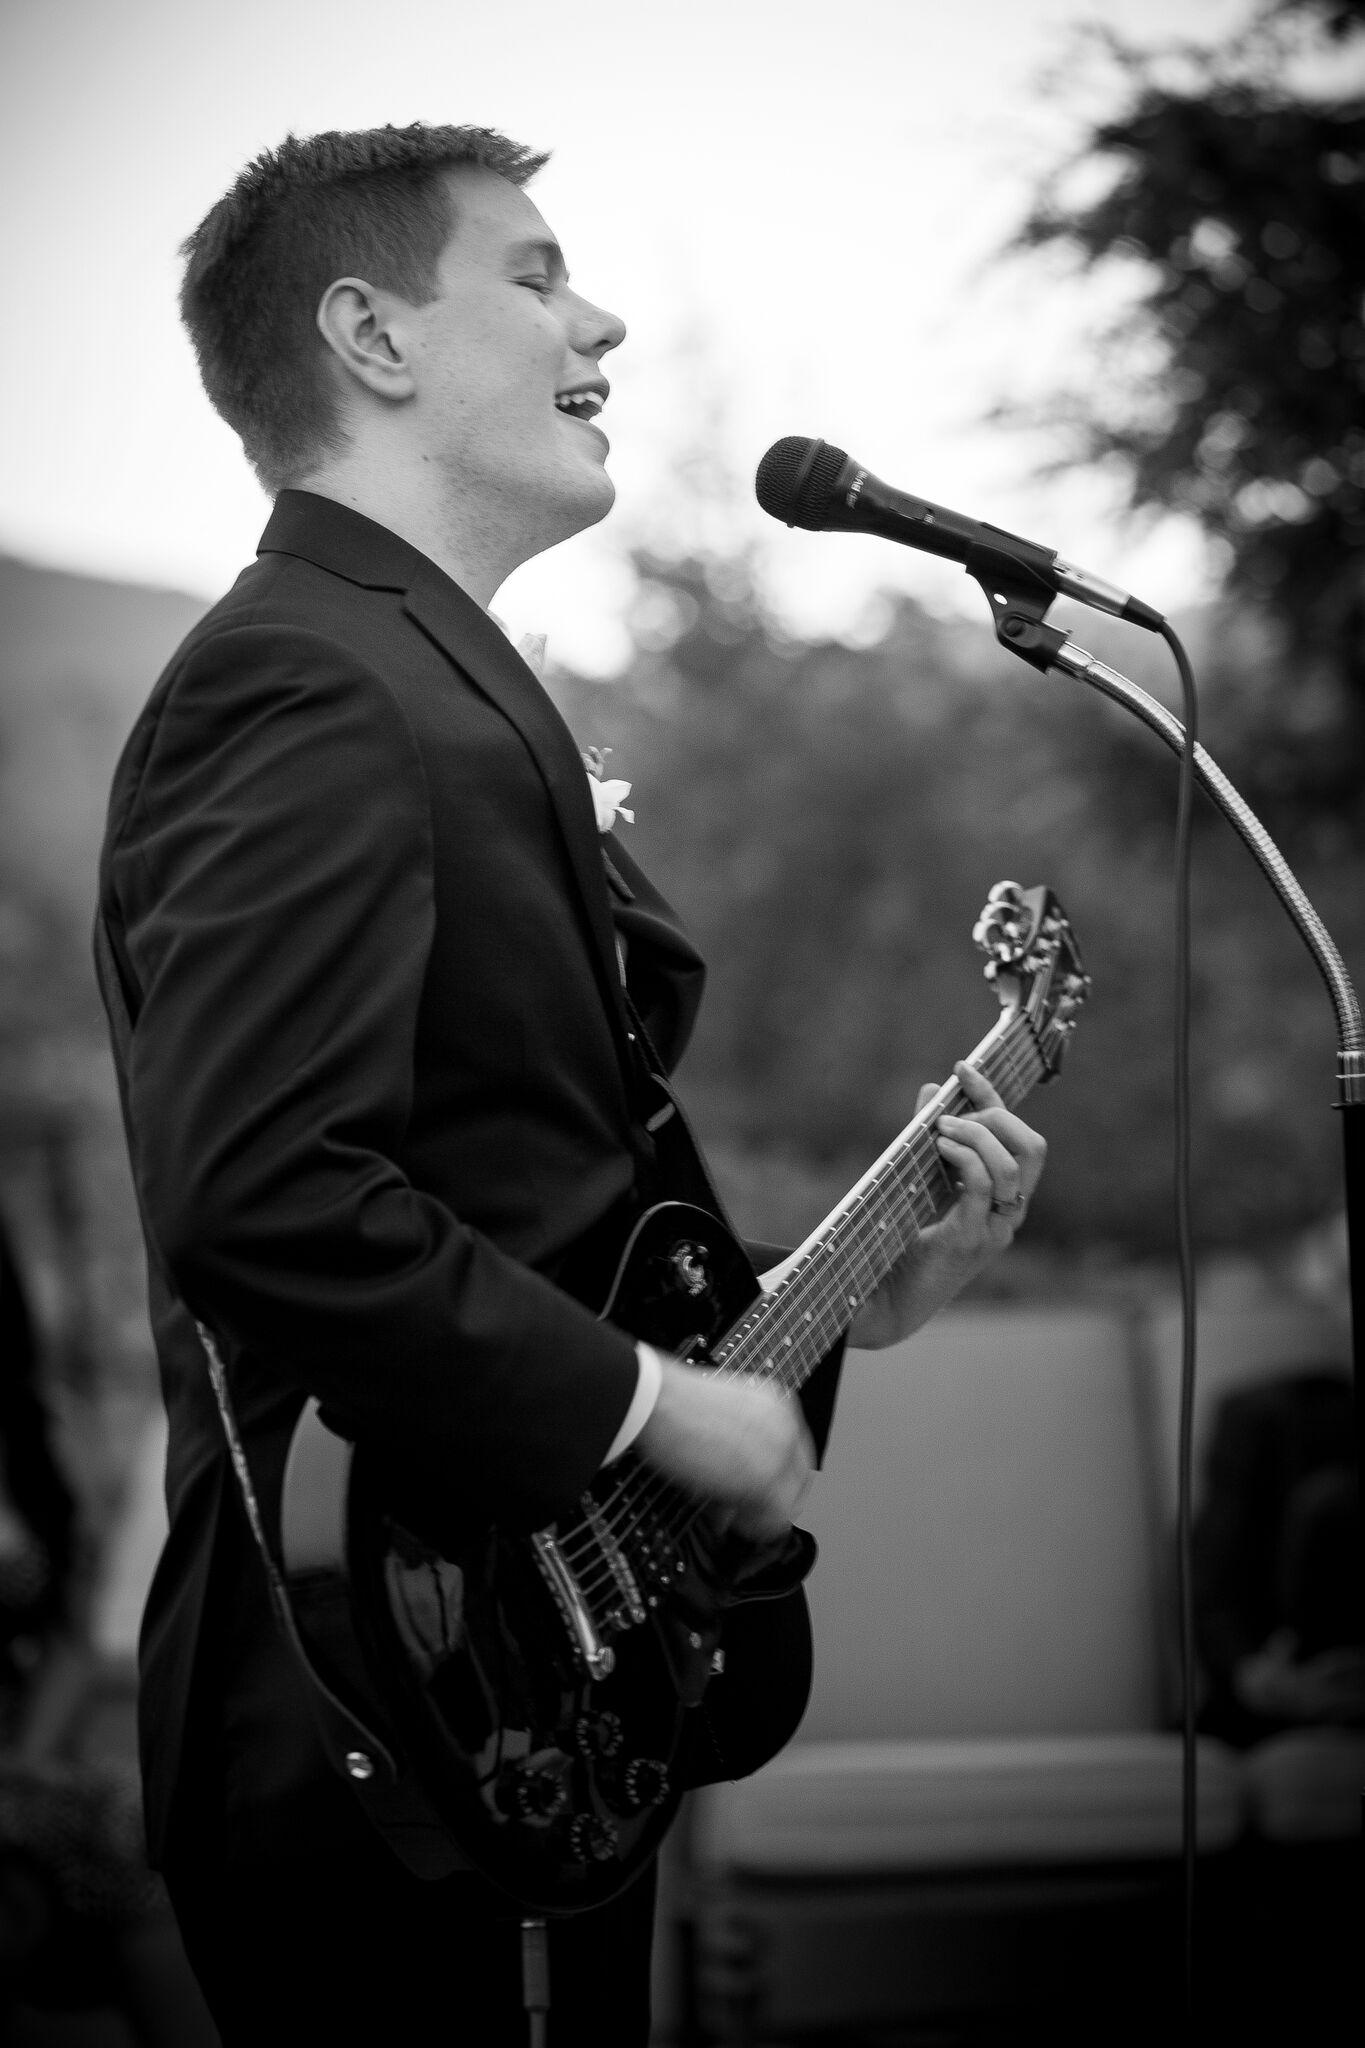 Briant Merica - Guitar